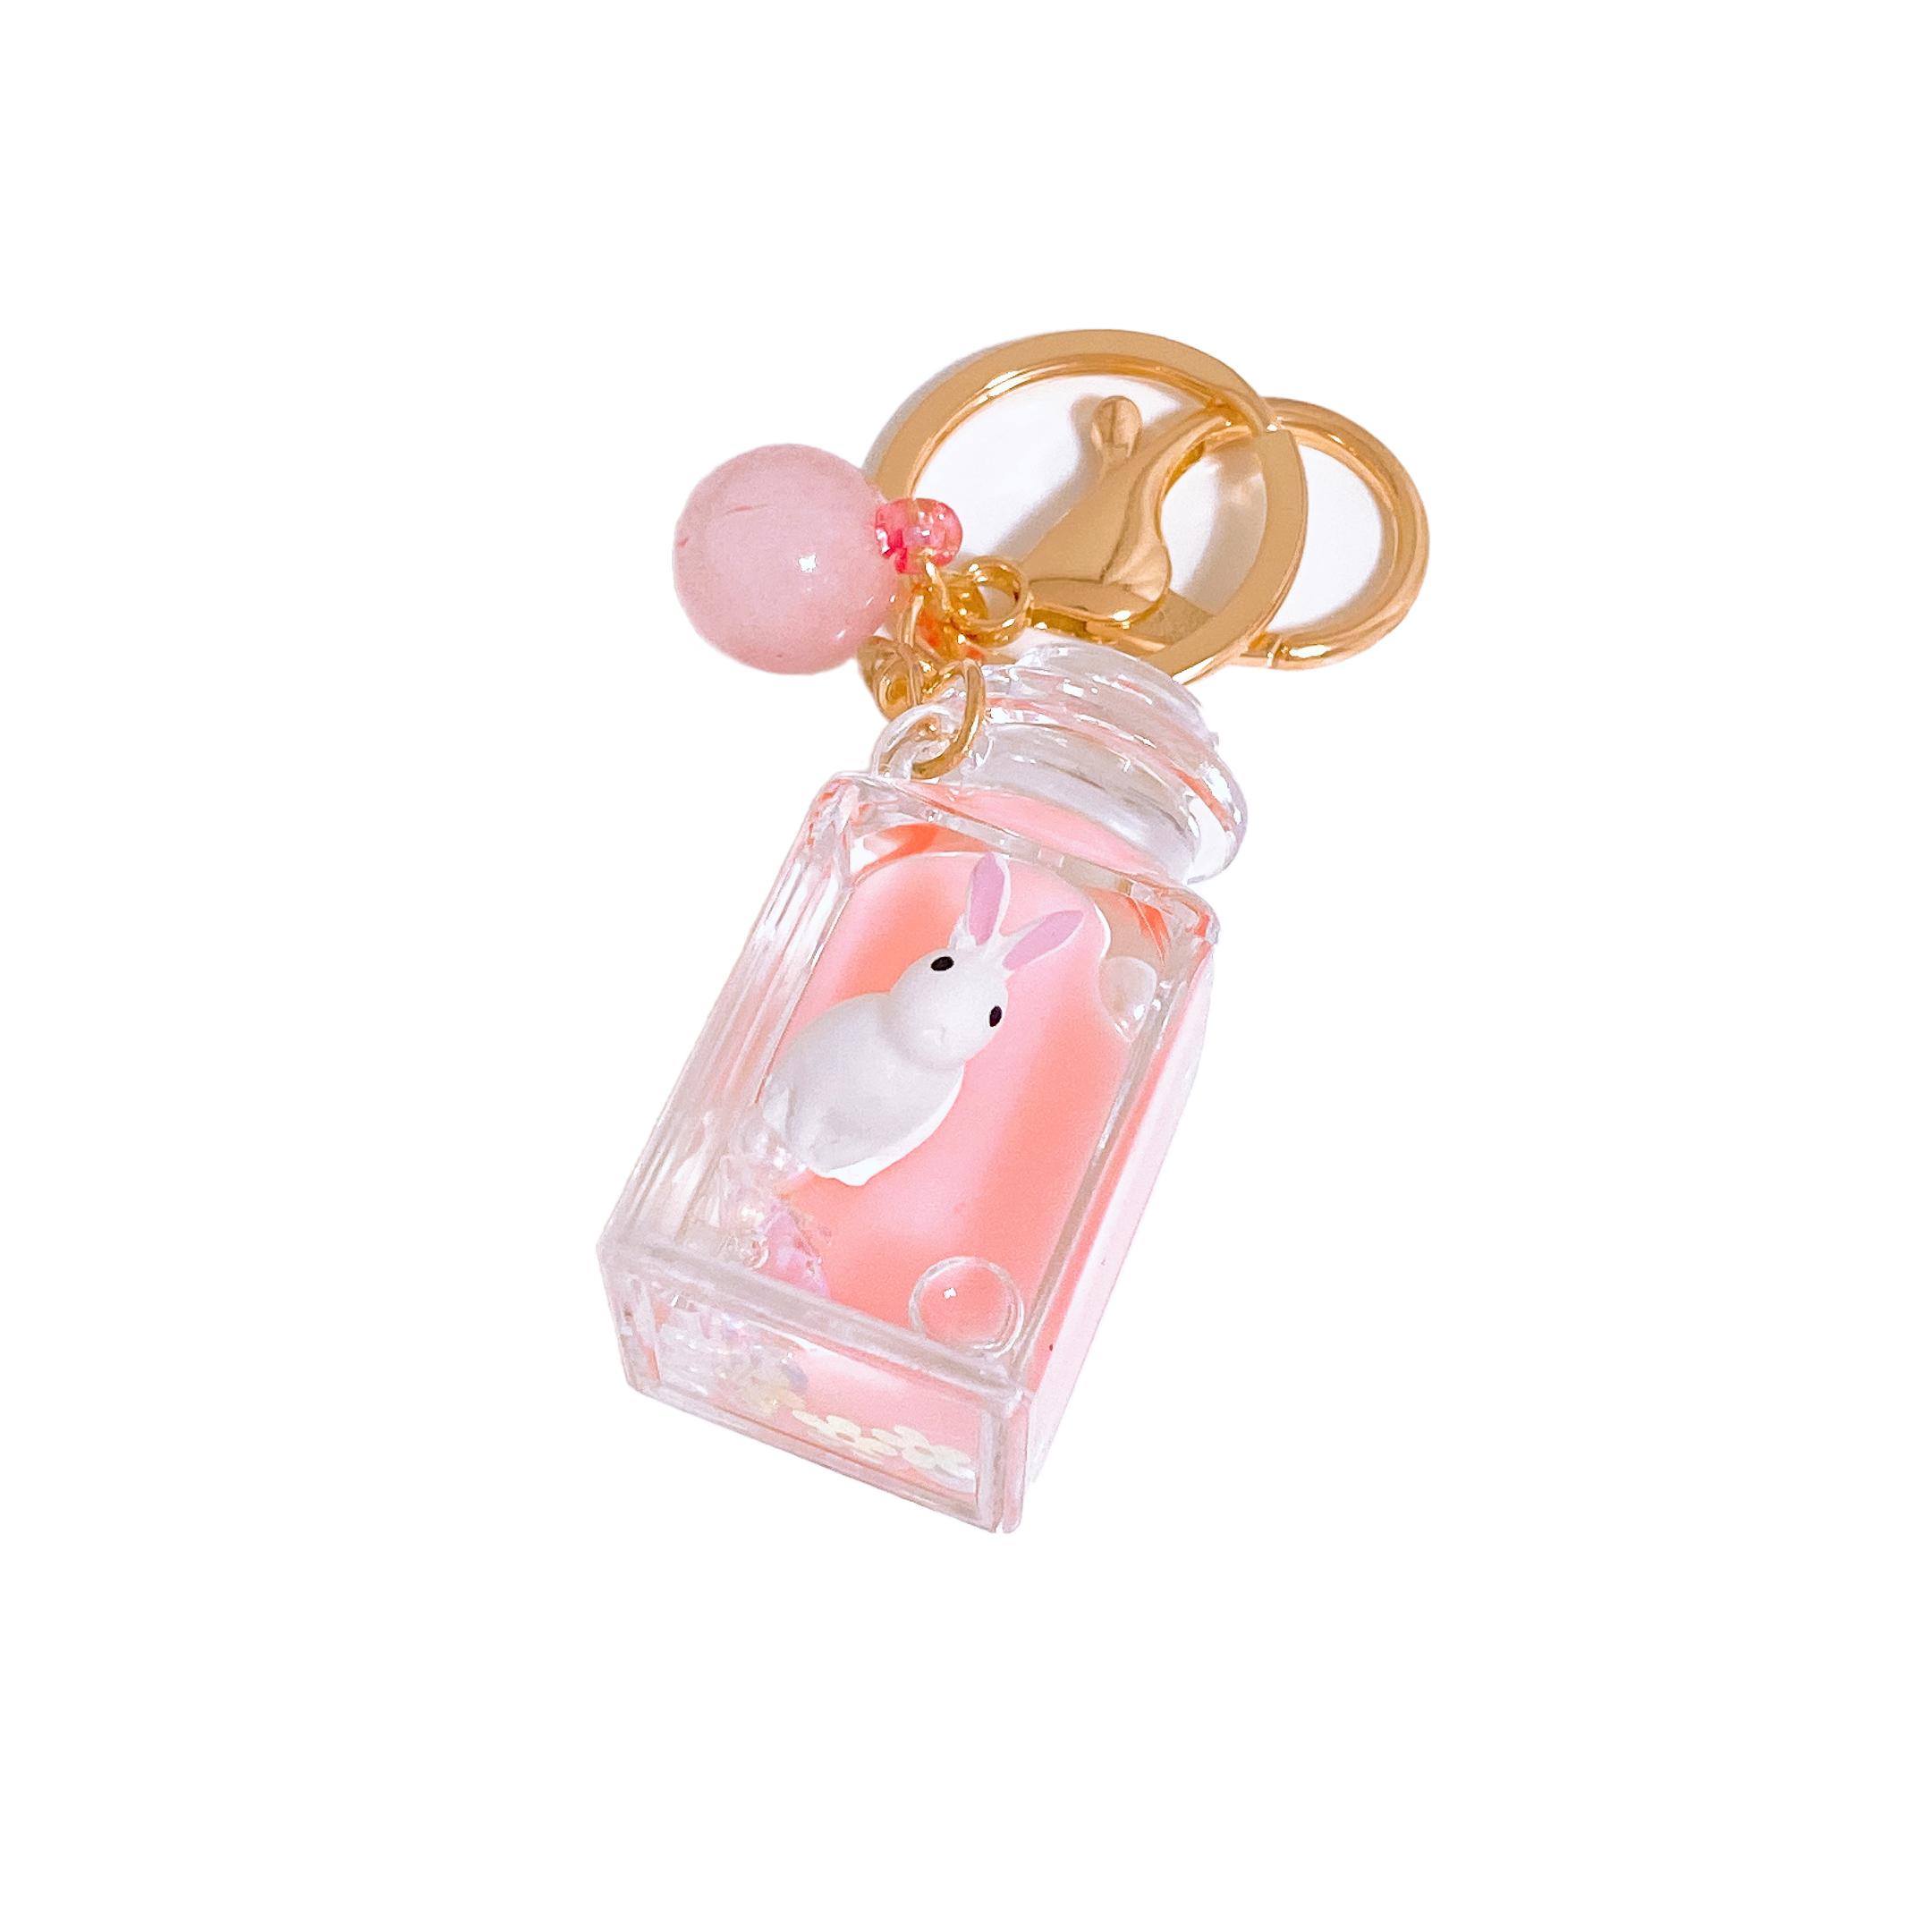 미완성잡화점 워터볼 동물둥둥 키링, 토끼 + 딸기우유볼, 1개